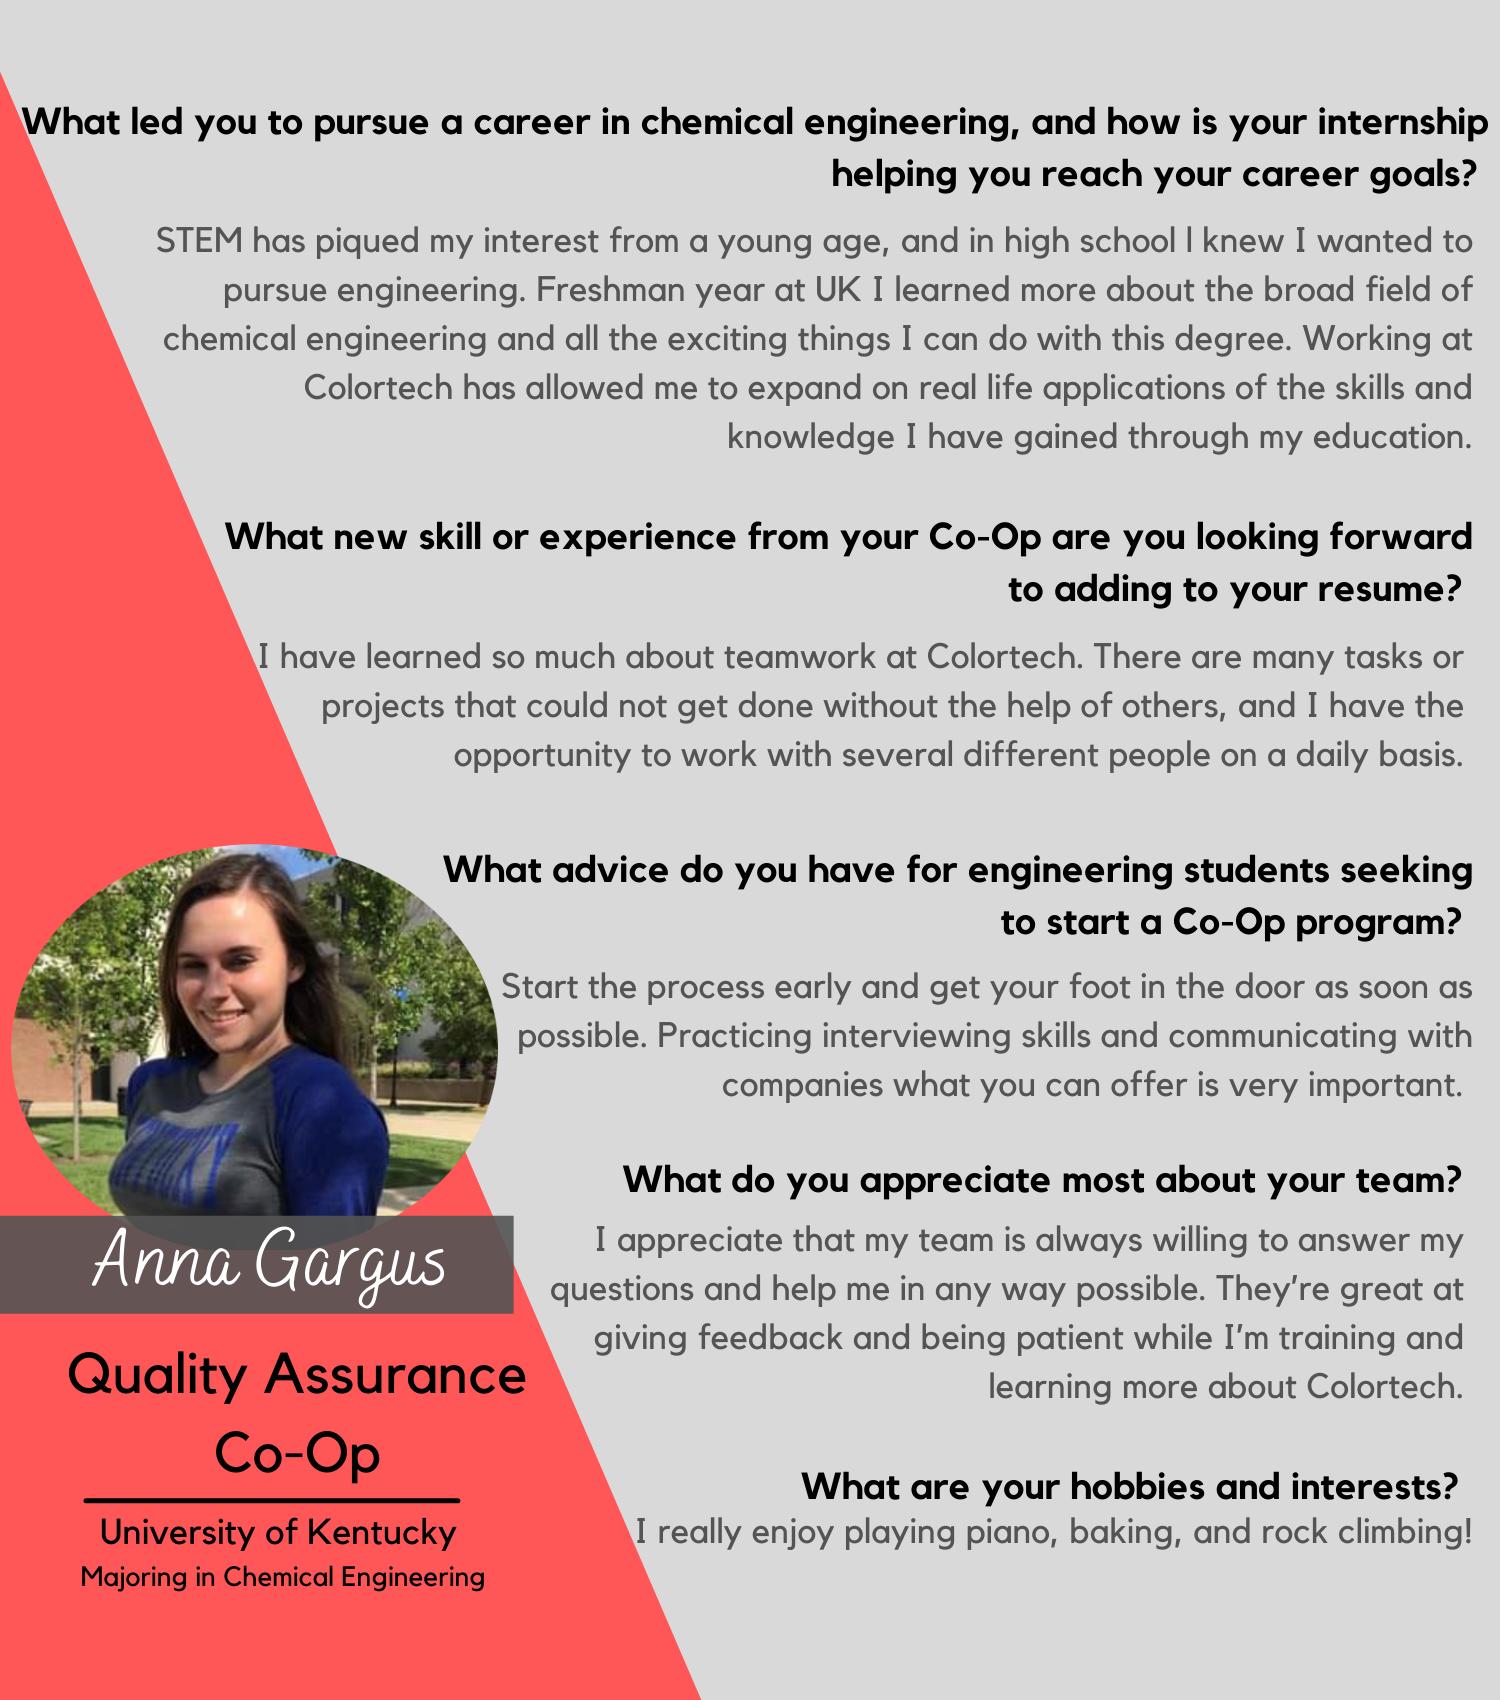 Anna Gargus, Quality Assurance Co-Op